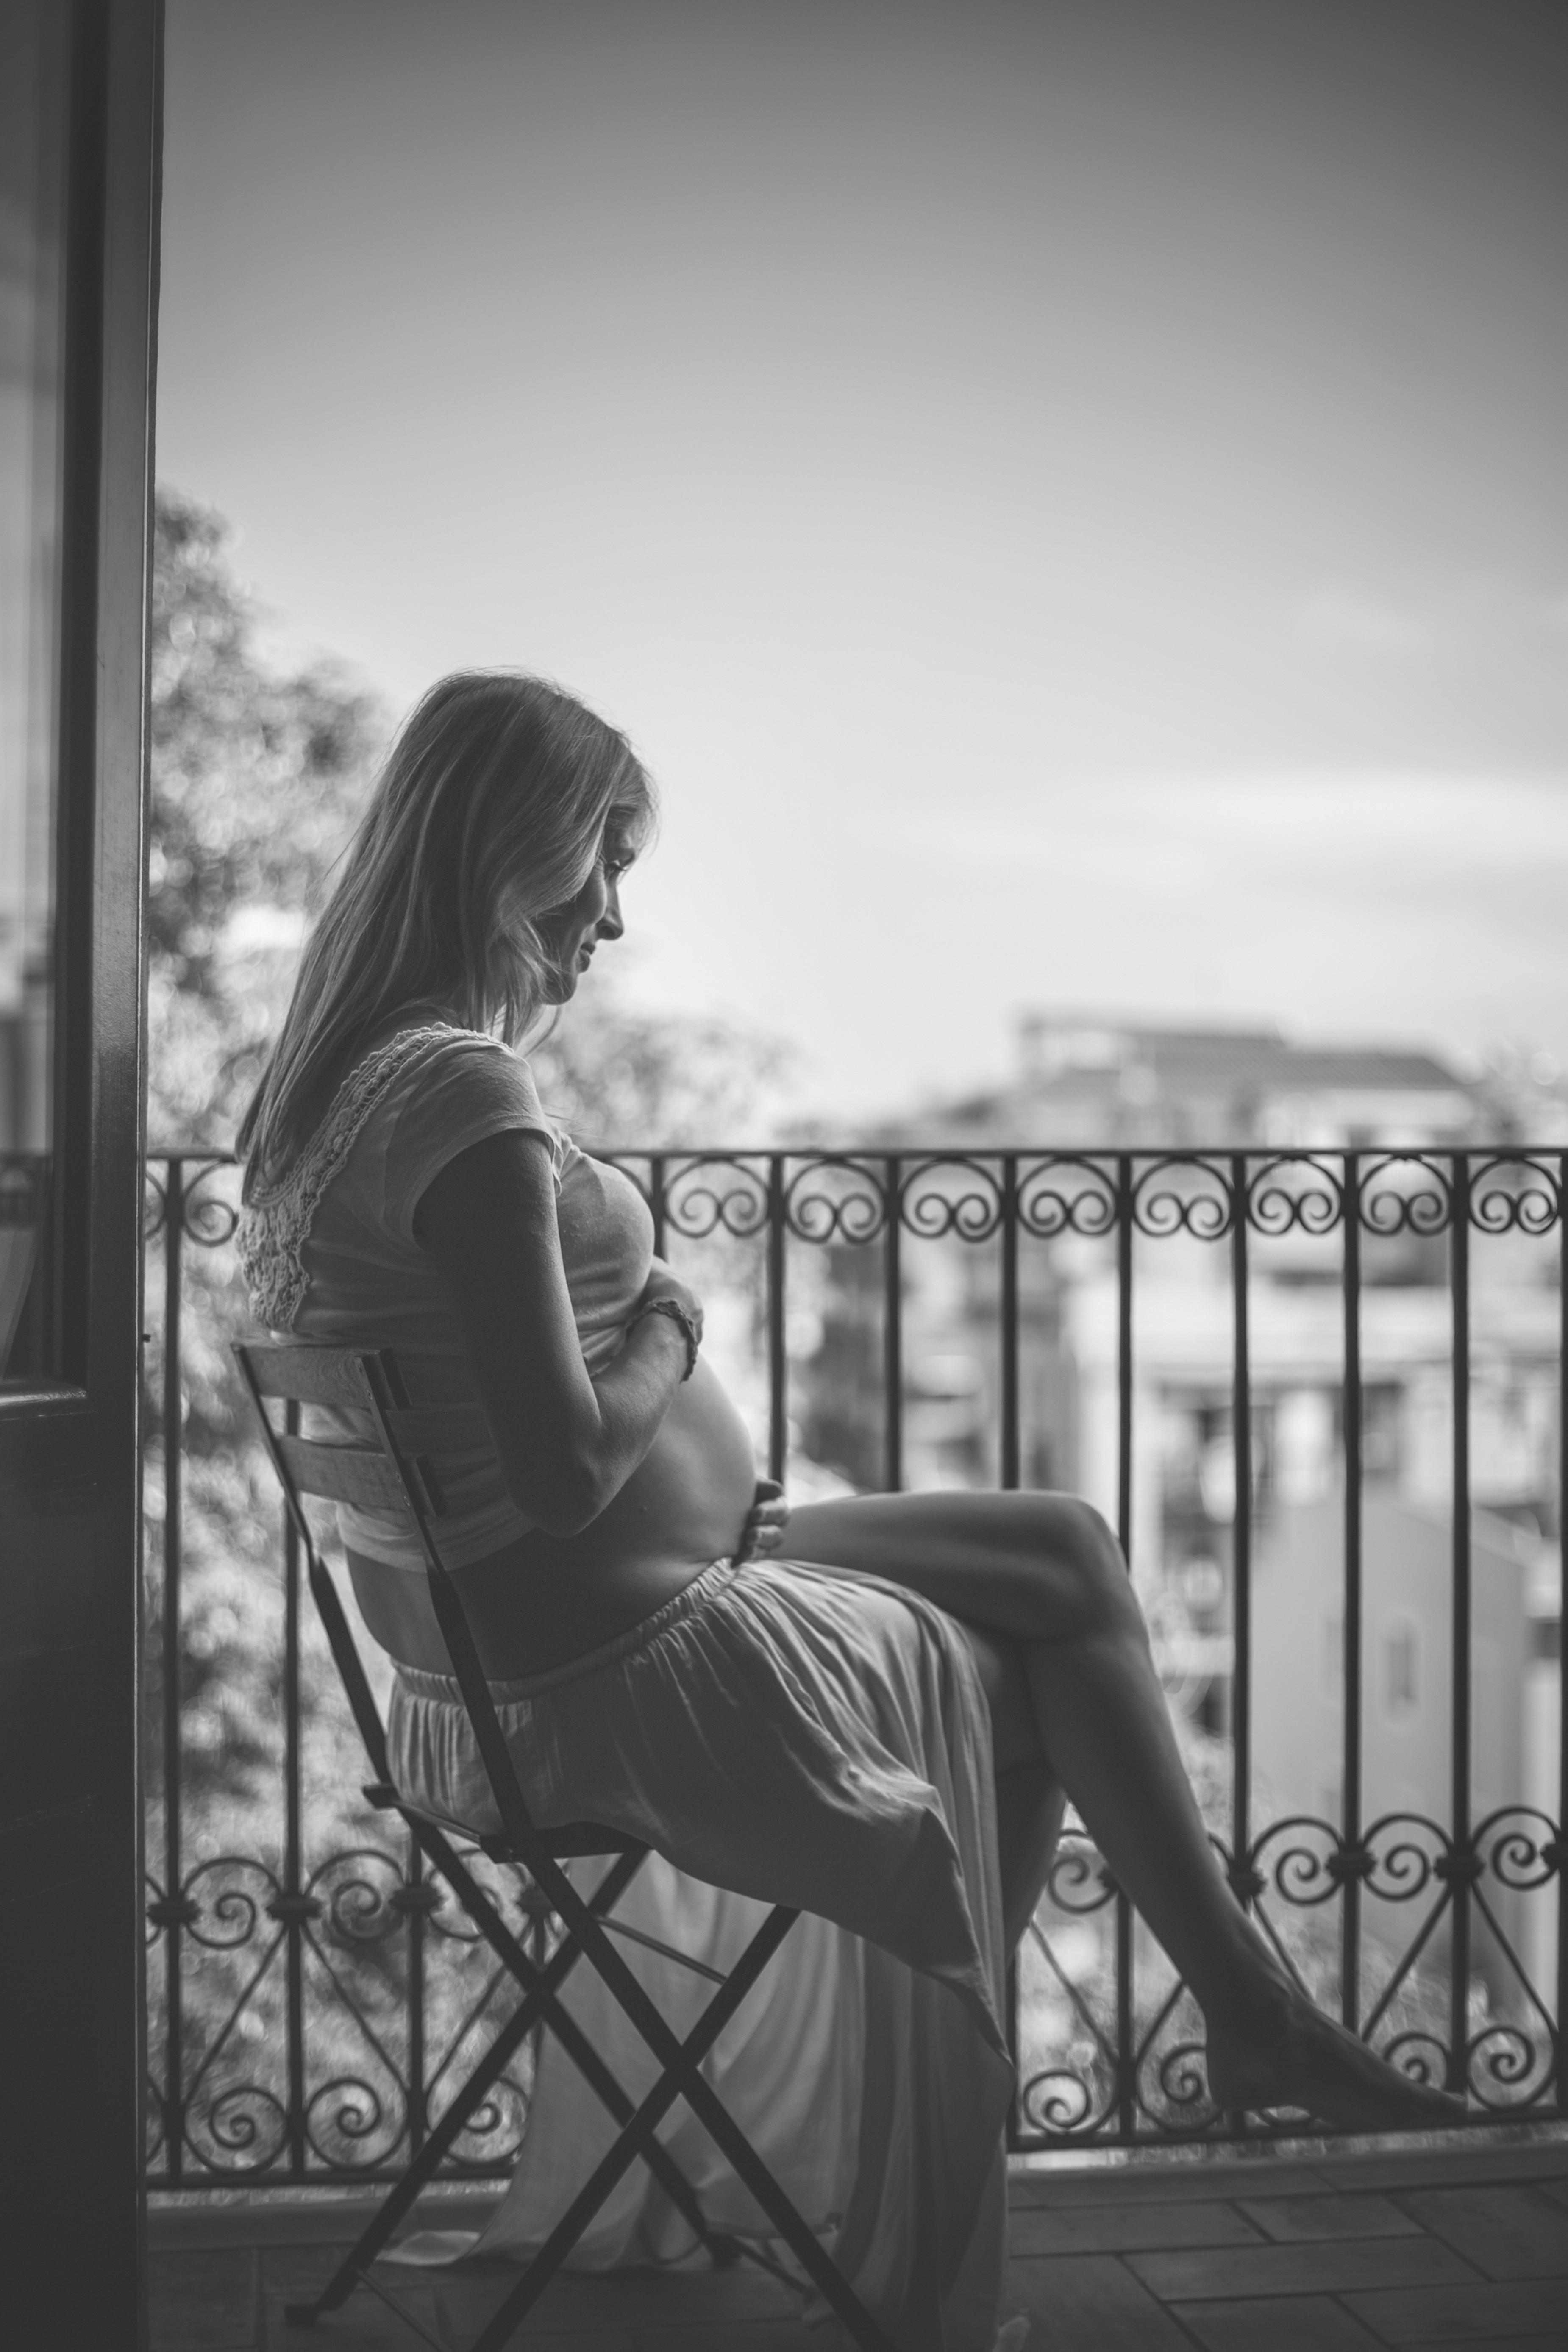 Babies due Aug 21 - Wokingham/Bracknell